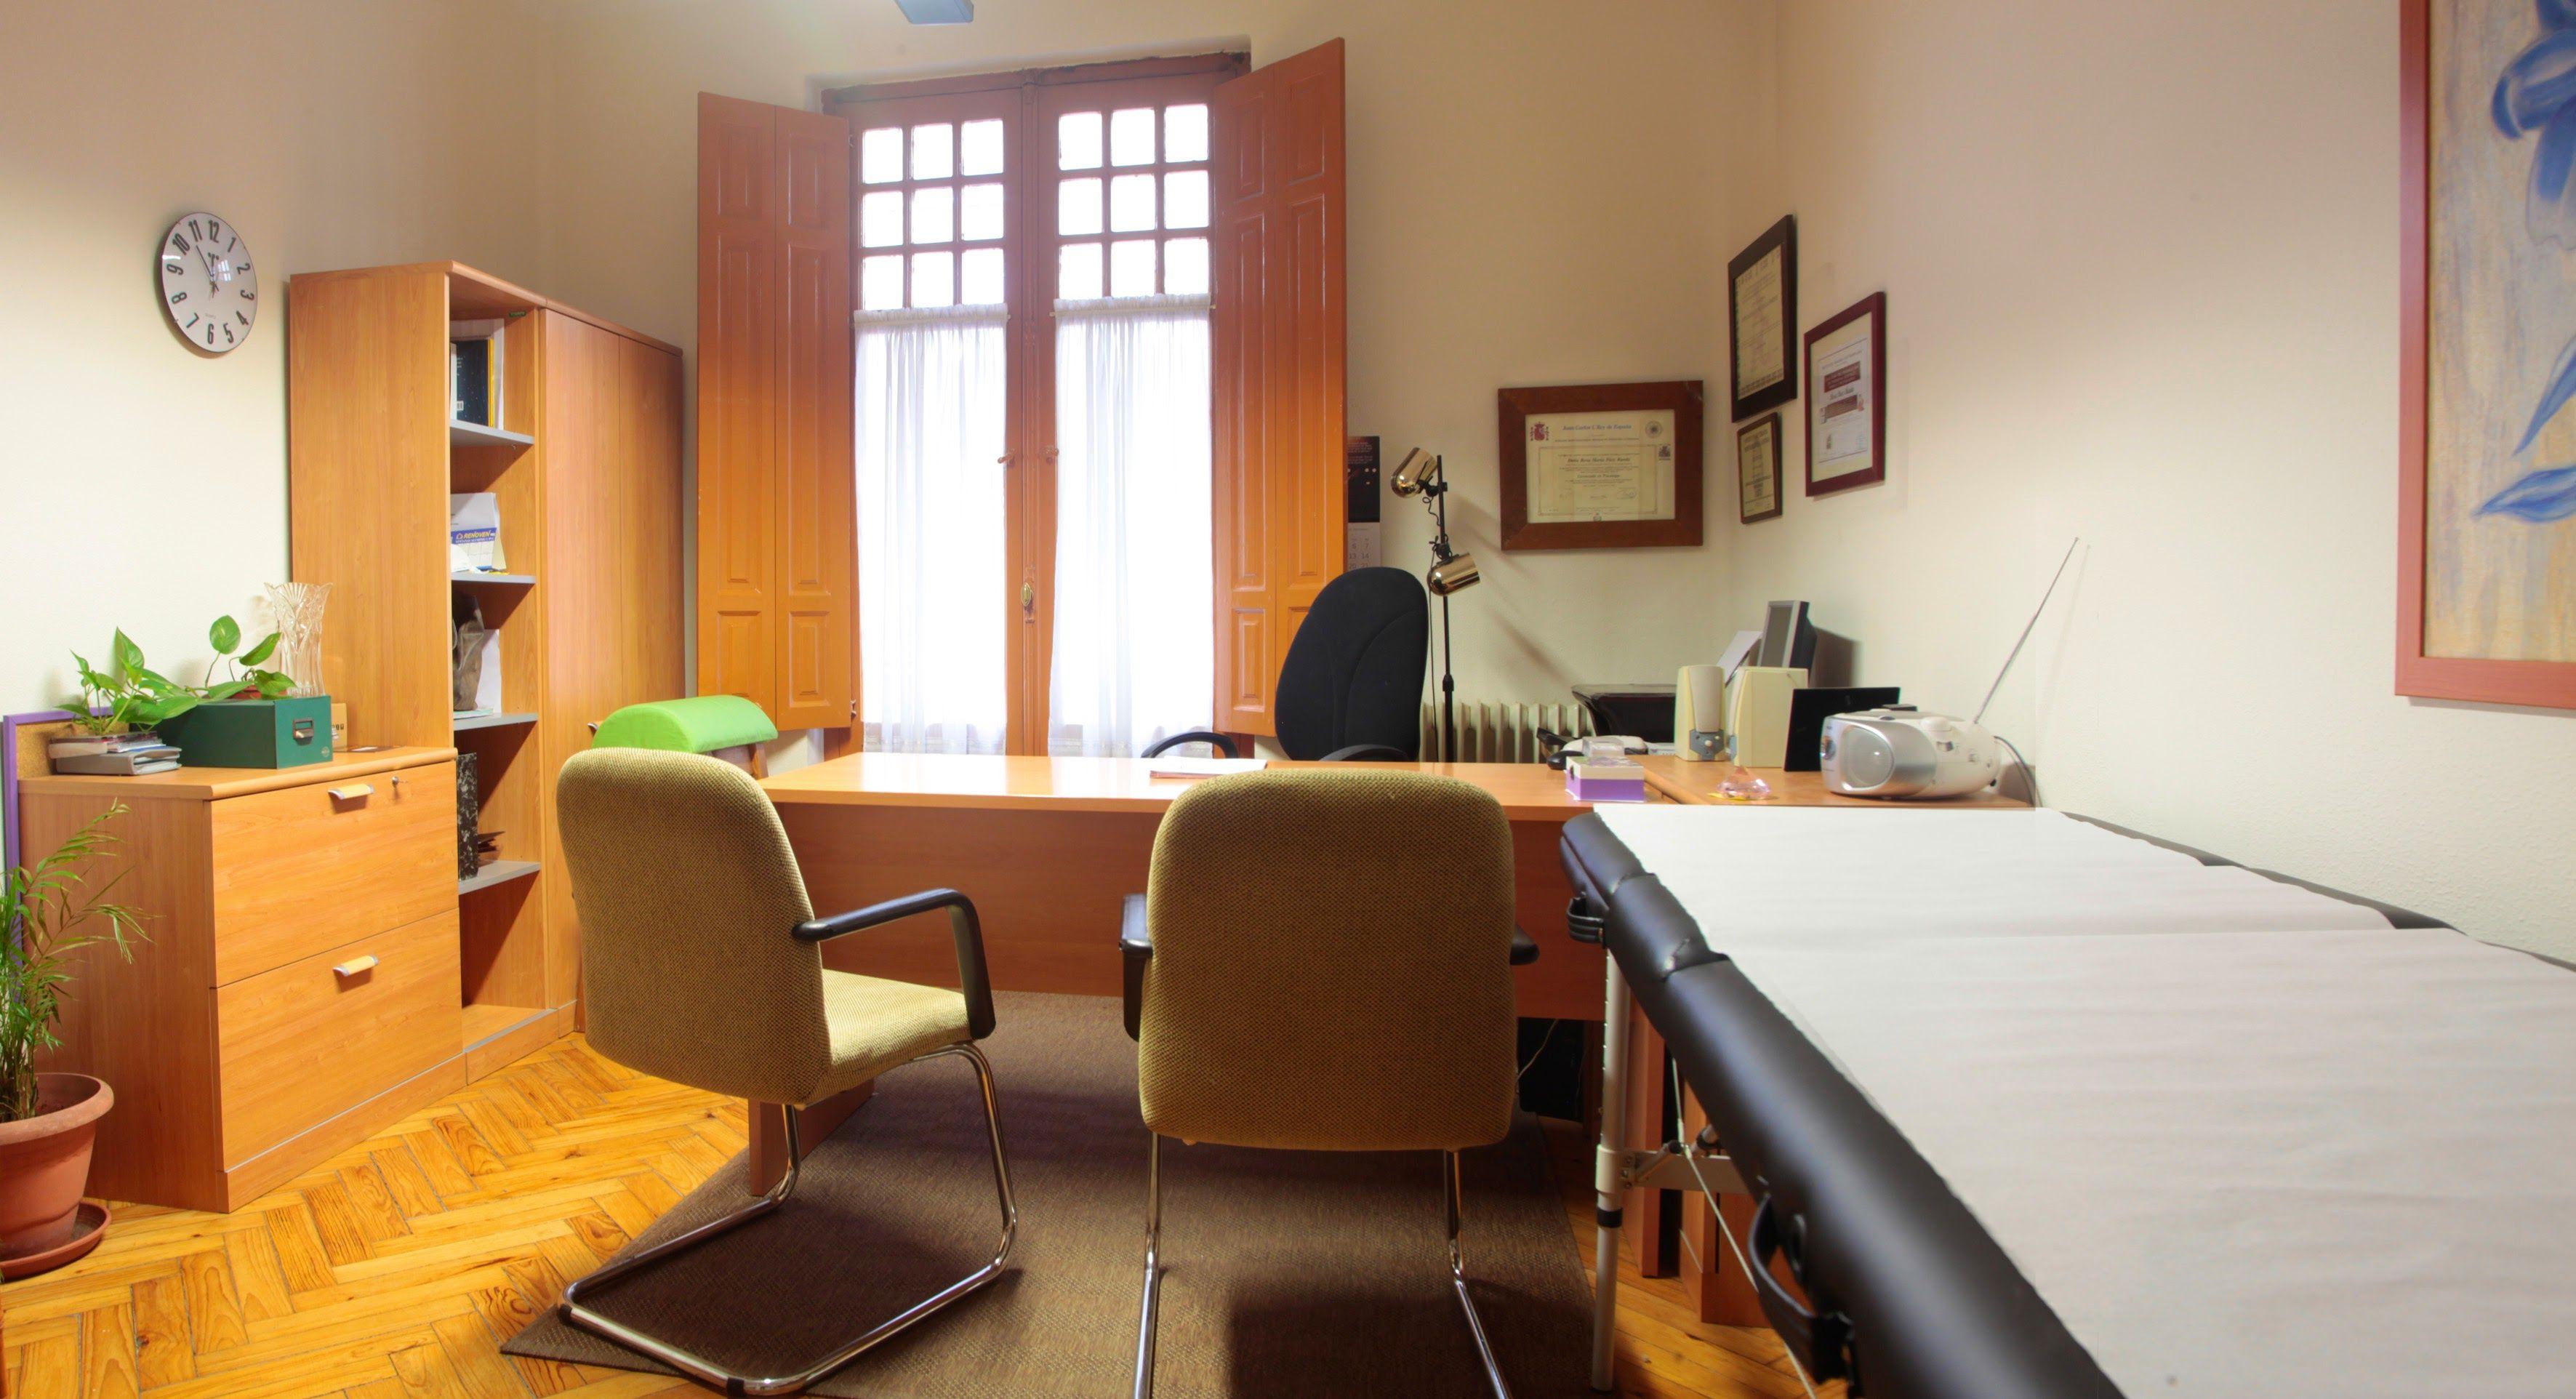 Foto 3 de Psicóloga en Pamplona | Psicóloga Rosa Páez